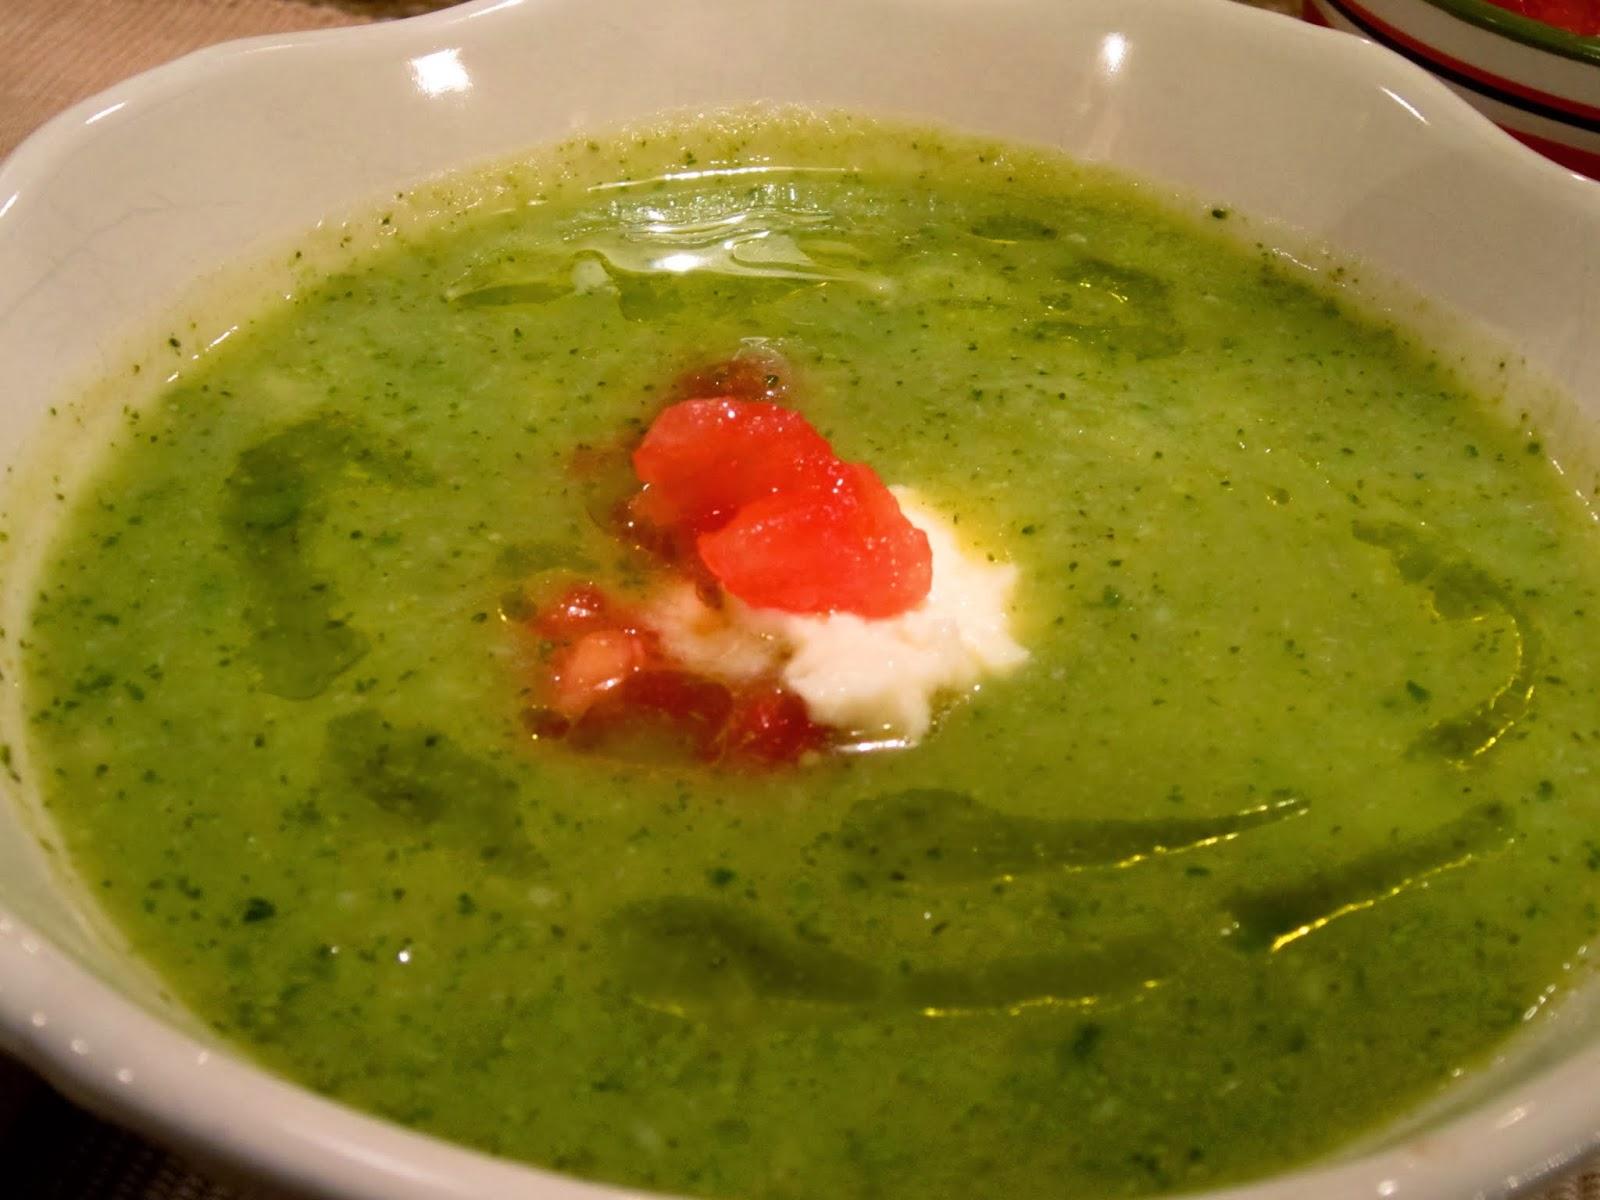 Zucchini Garlic Soup Recipes — Dishmaps